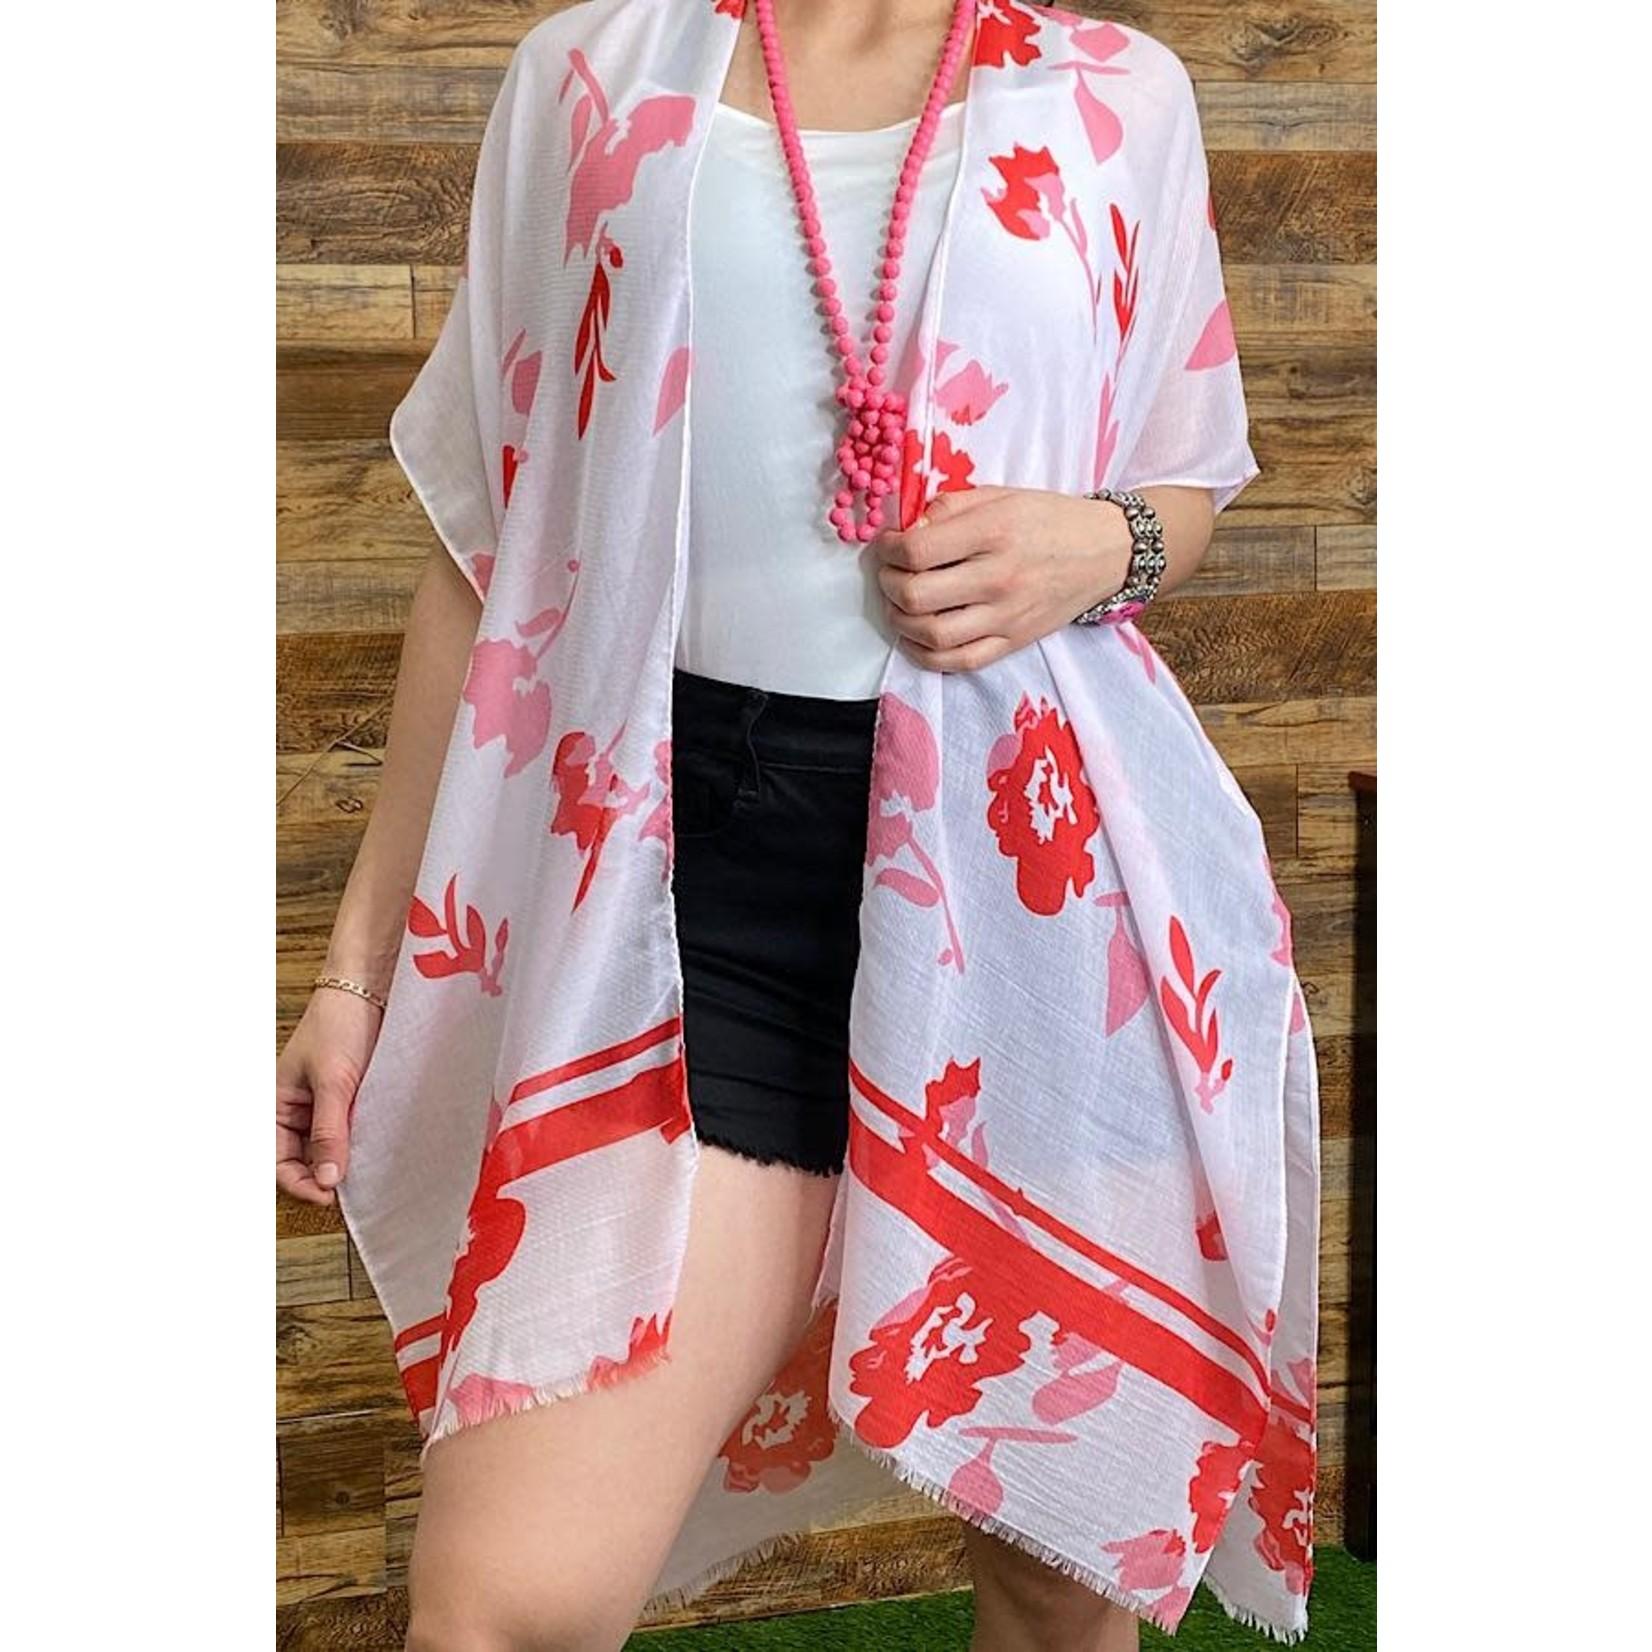 Southern Stitch Pink White Red Floral Kimono